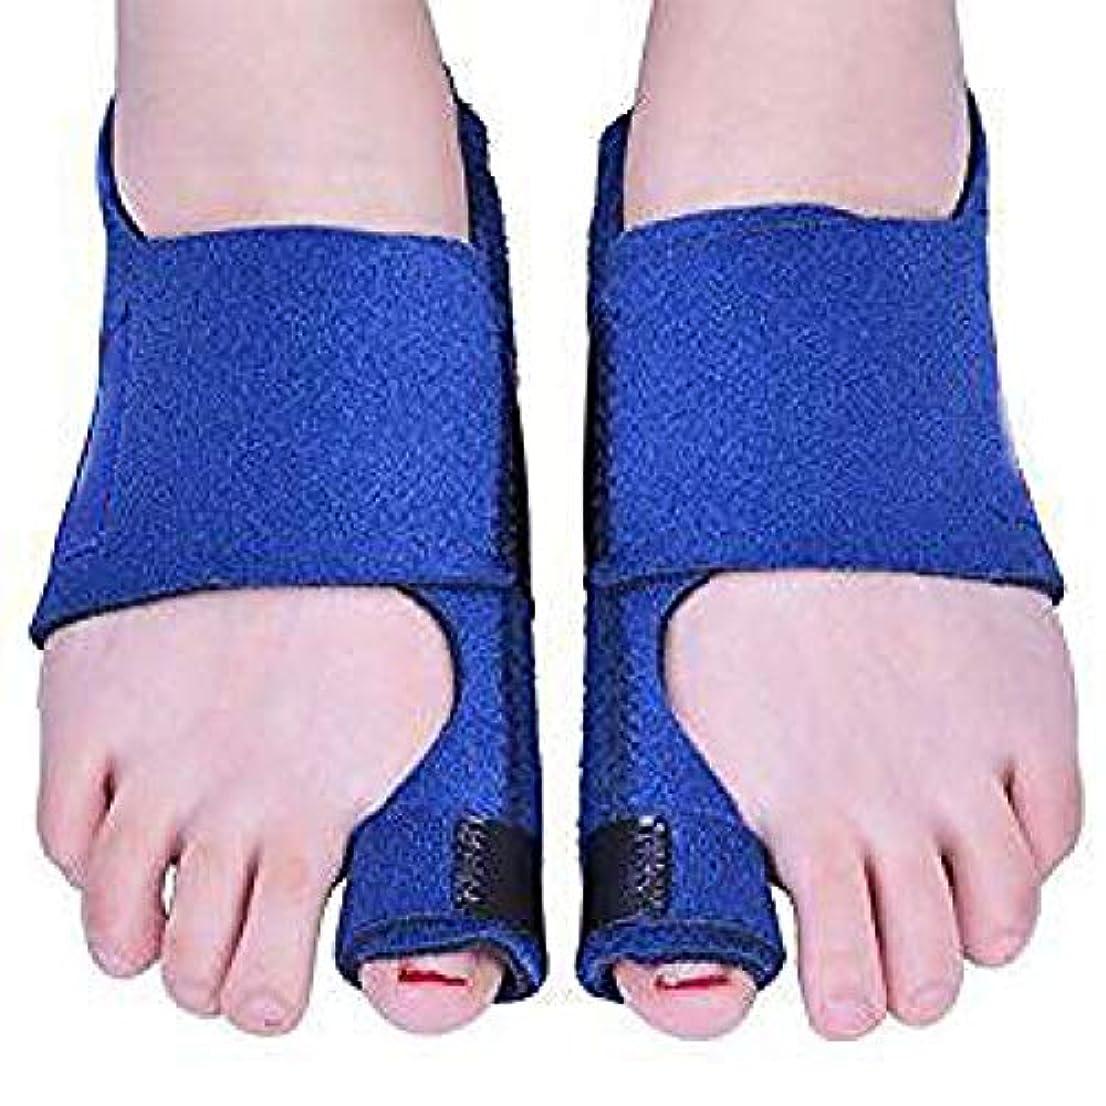 動員するインゲンドレインつま先矯正、重なったハンマー用のつま先のケア、つま先の痛み、平らな足の痛み、男性と女性用のつま先のストレートナー,Blue